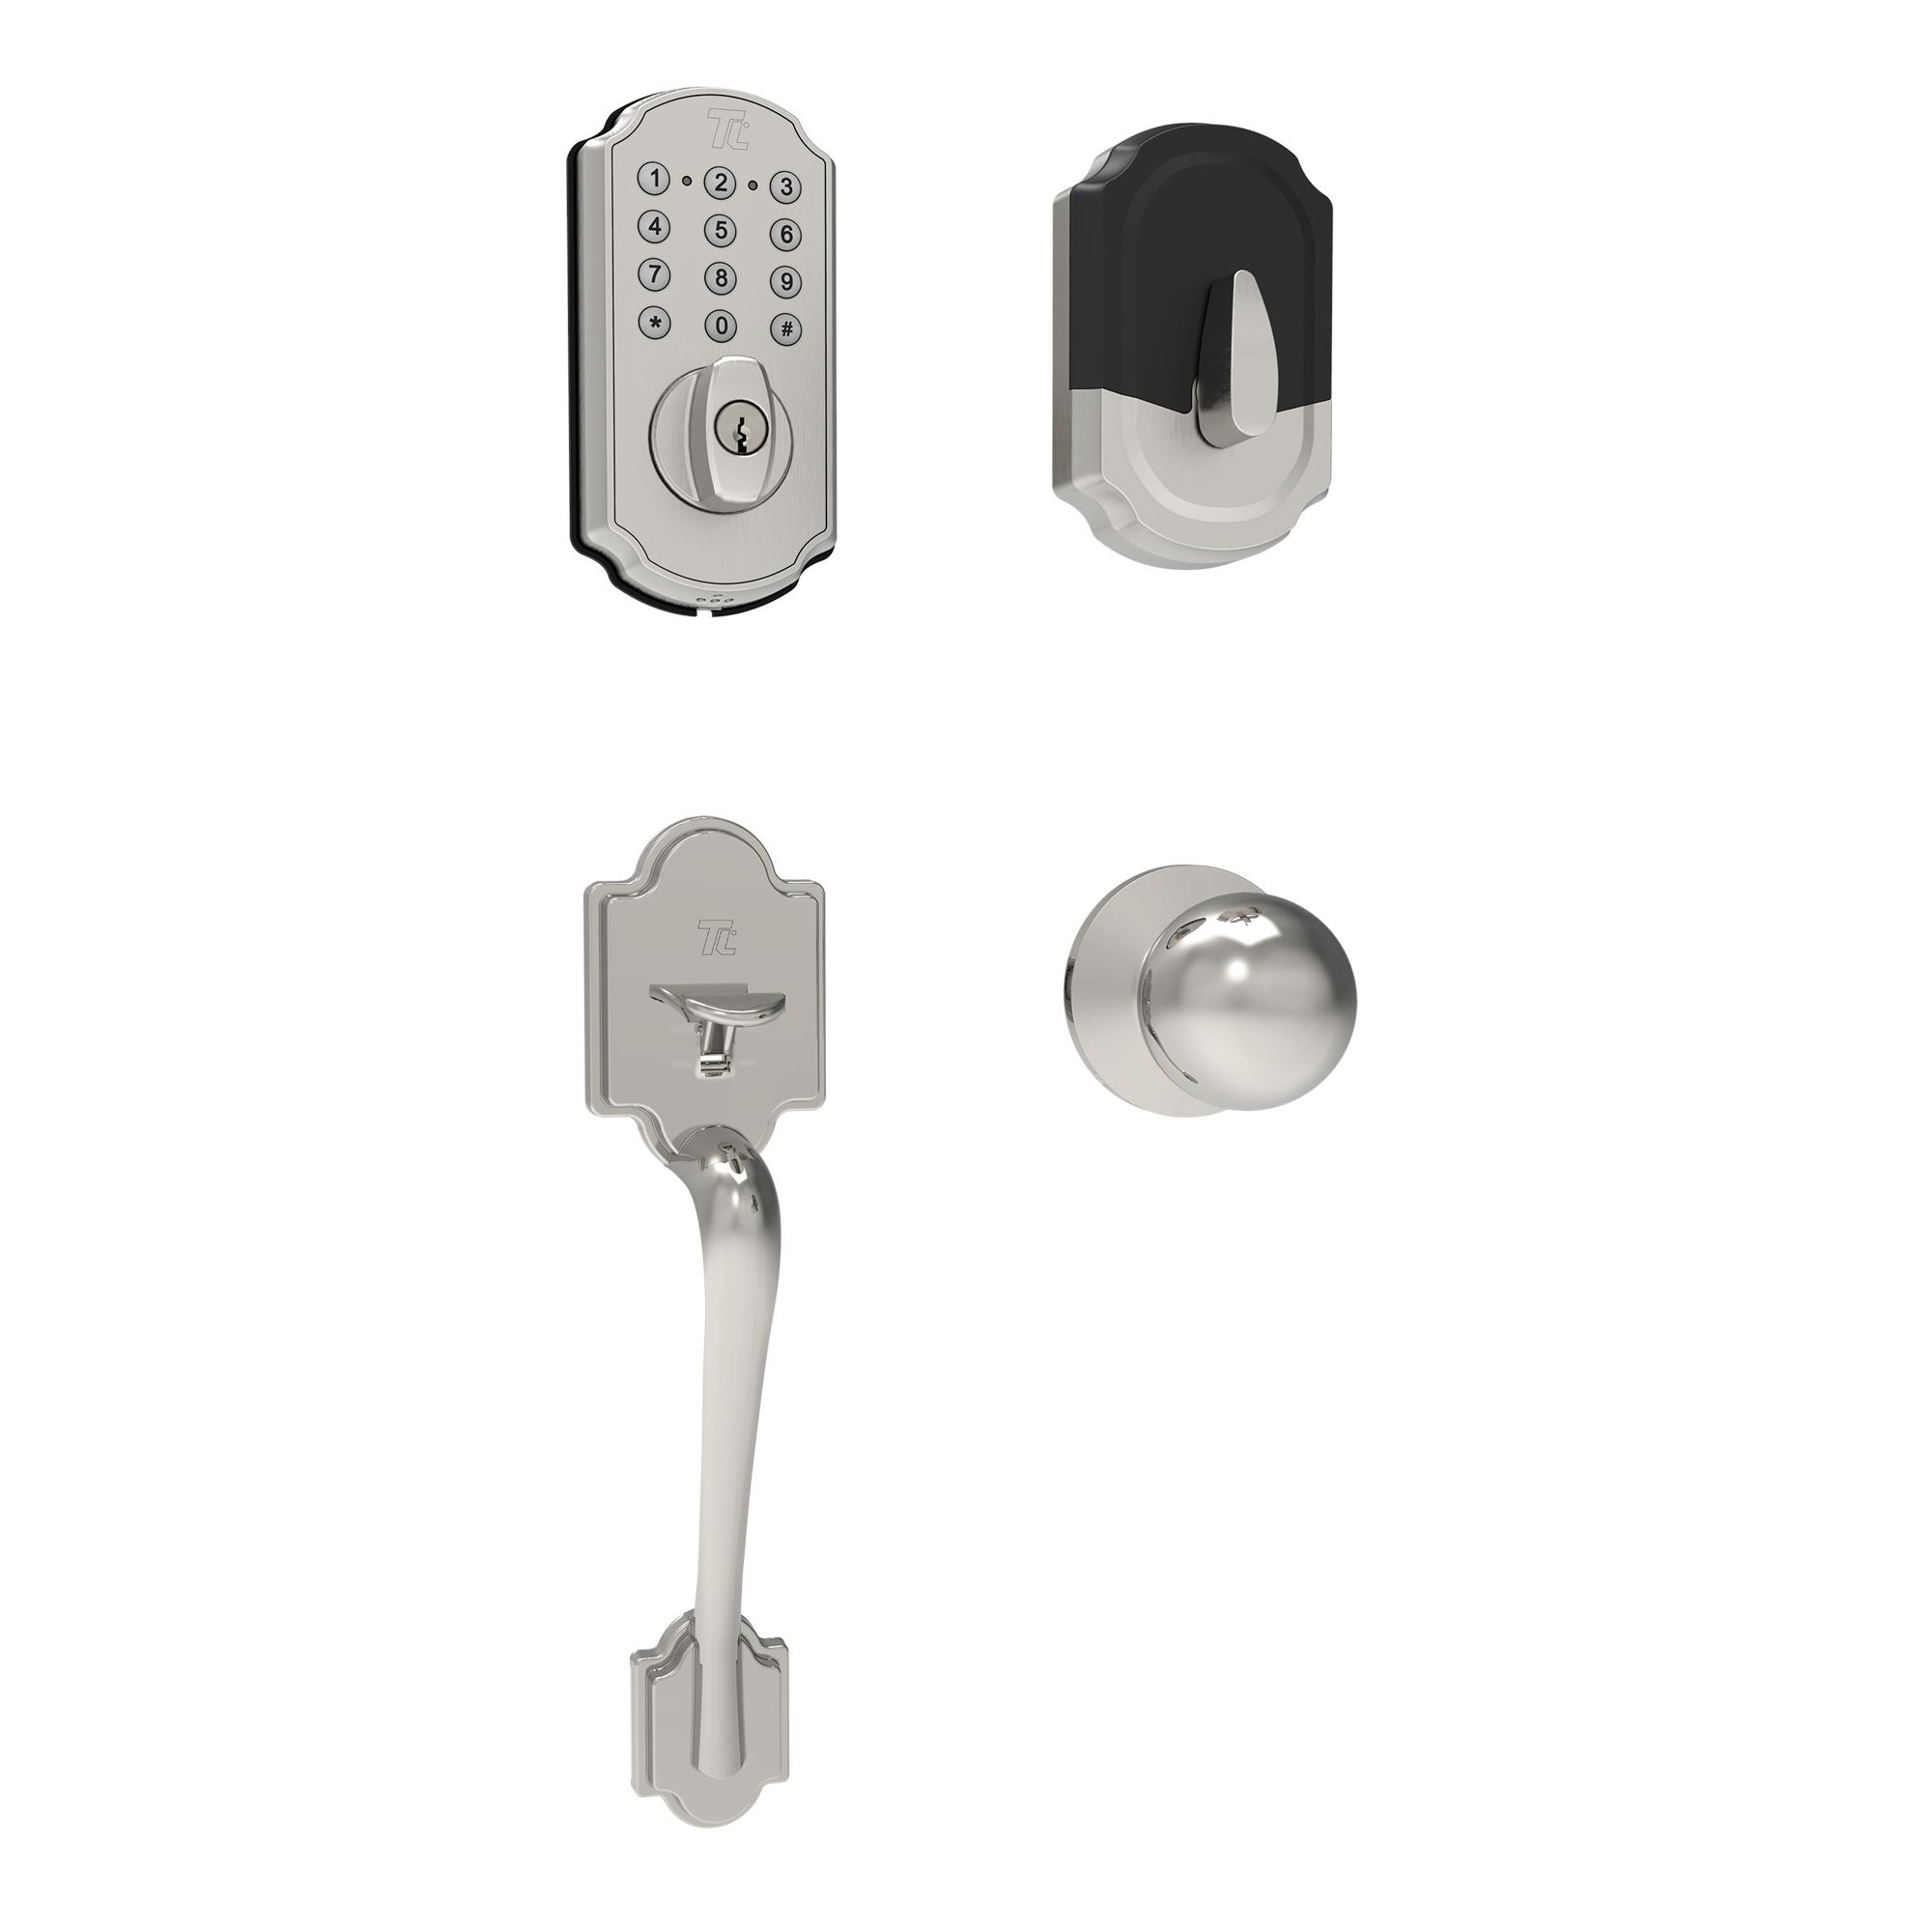 Front Door Lockset Combo Digital Deadbolt With Keypad Tl114 Tl121 Brushed Nickel Turbolock Com